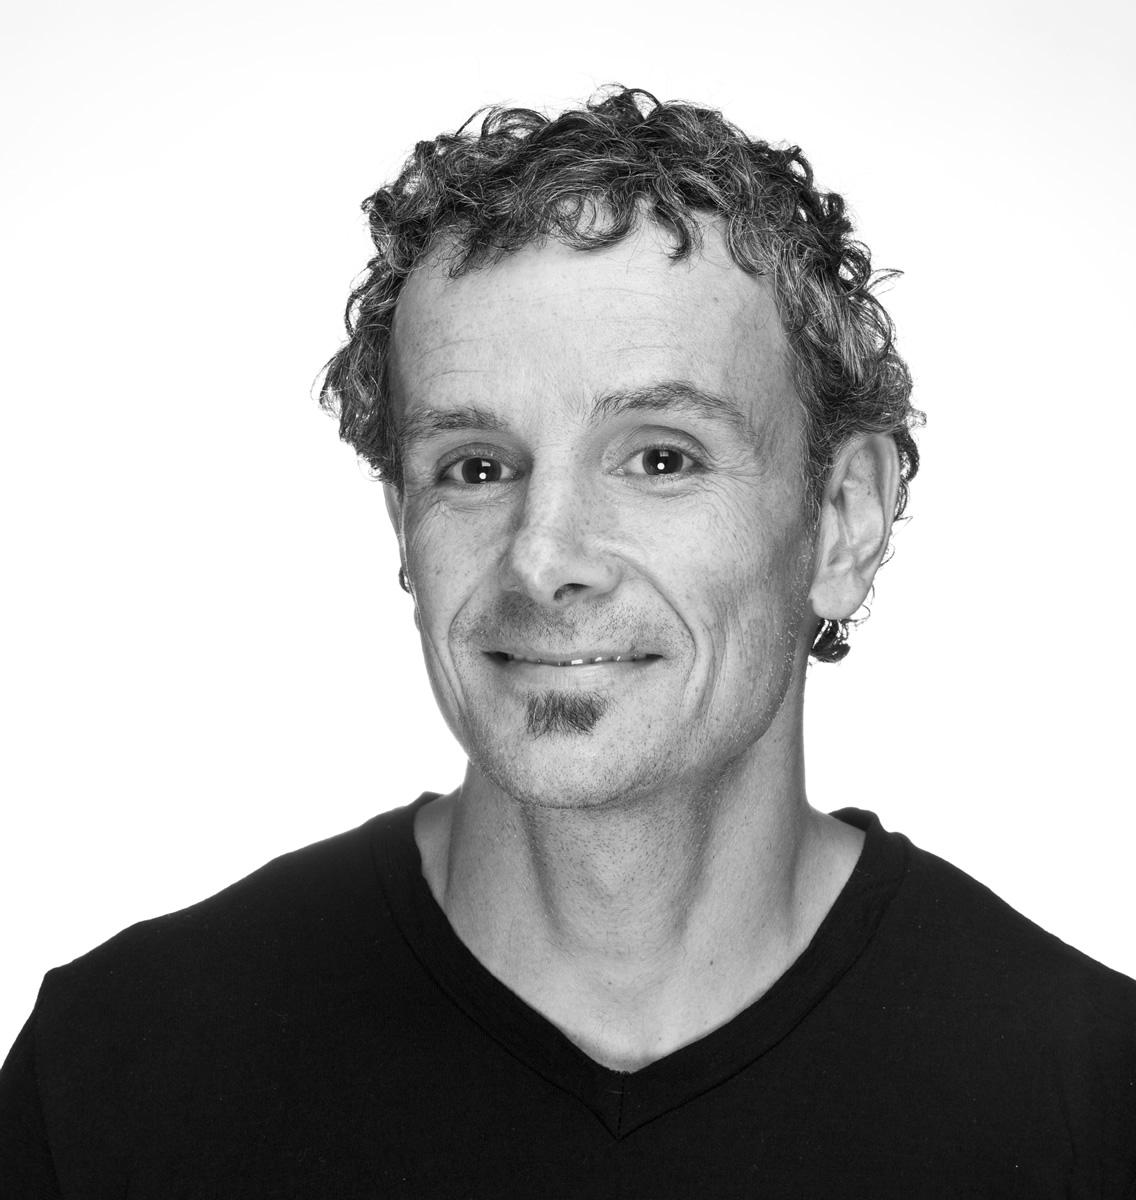 Eric Berlow